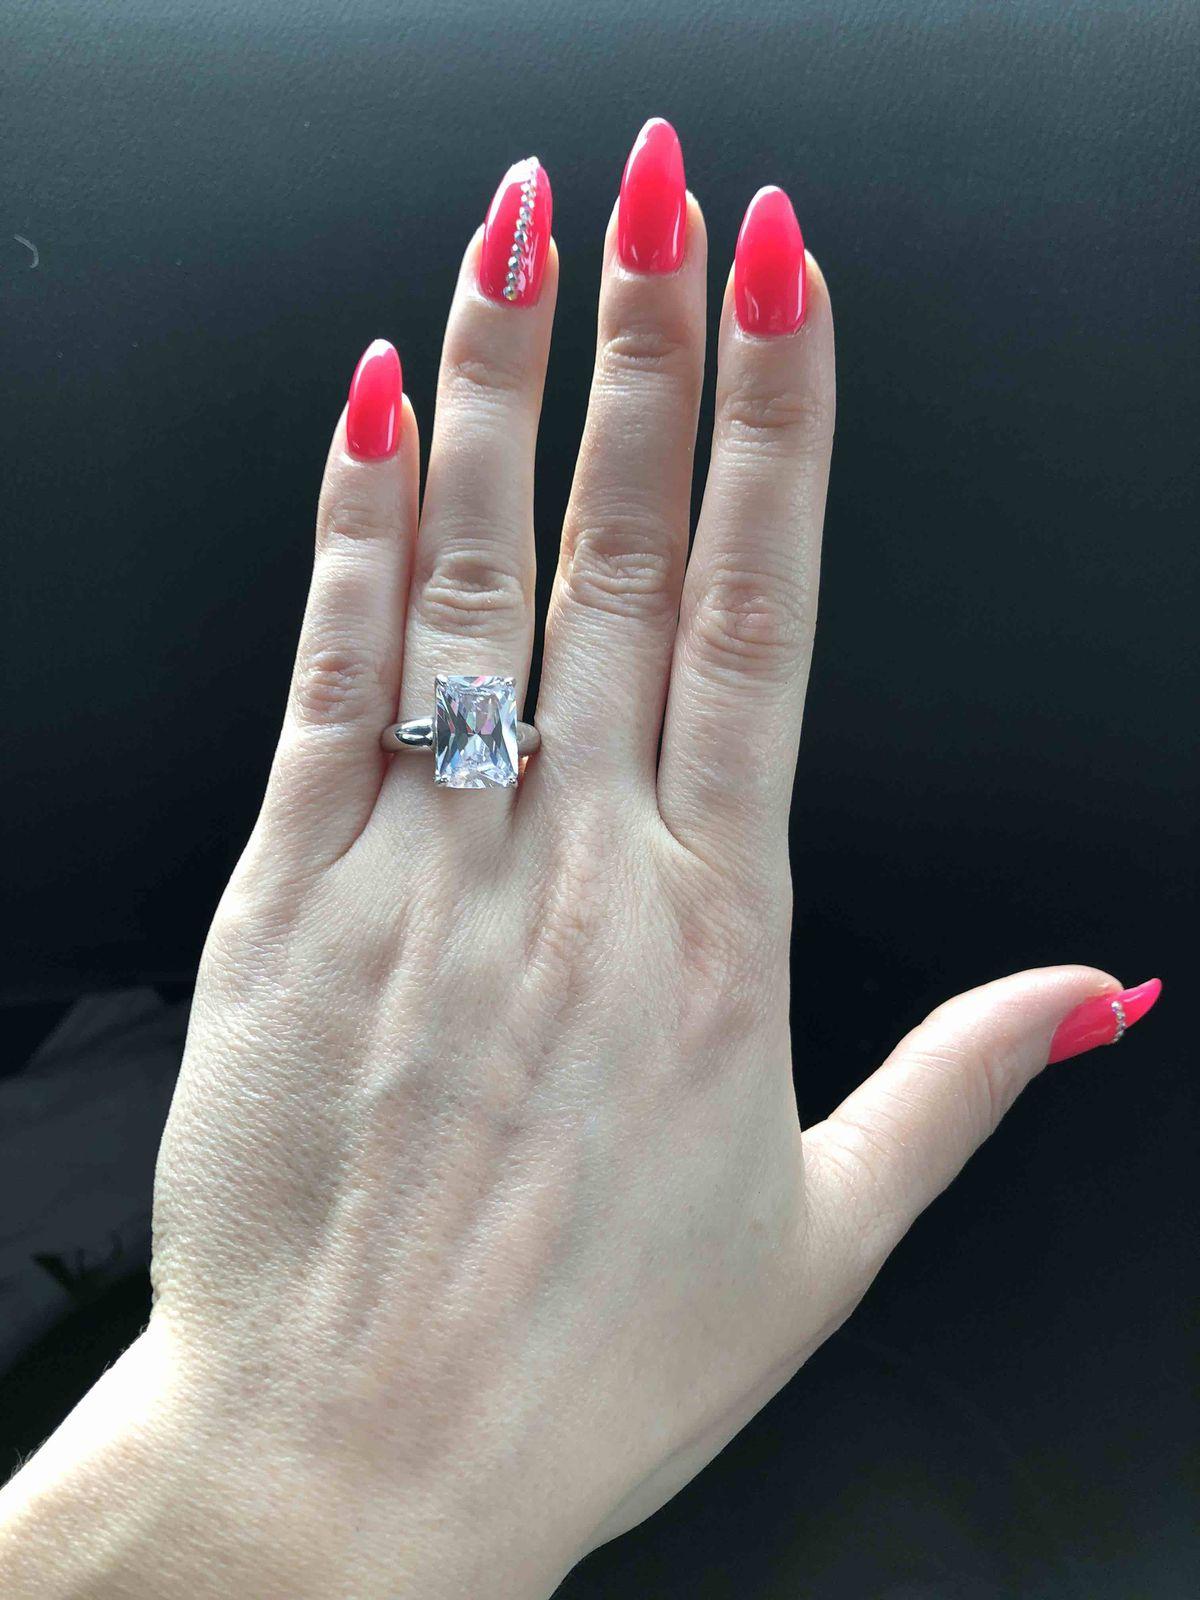 Моя мечта это кольцо